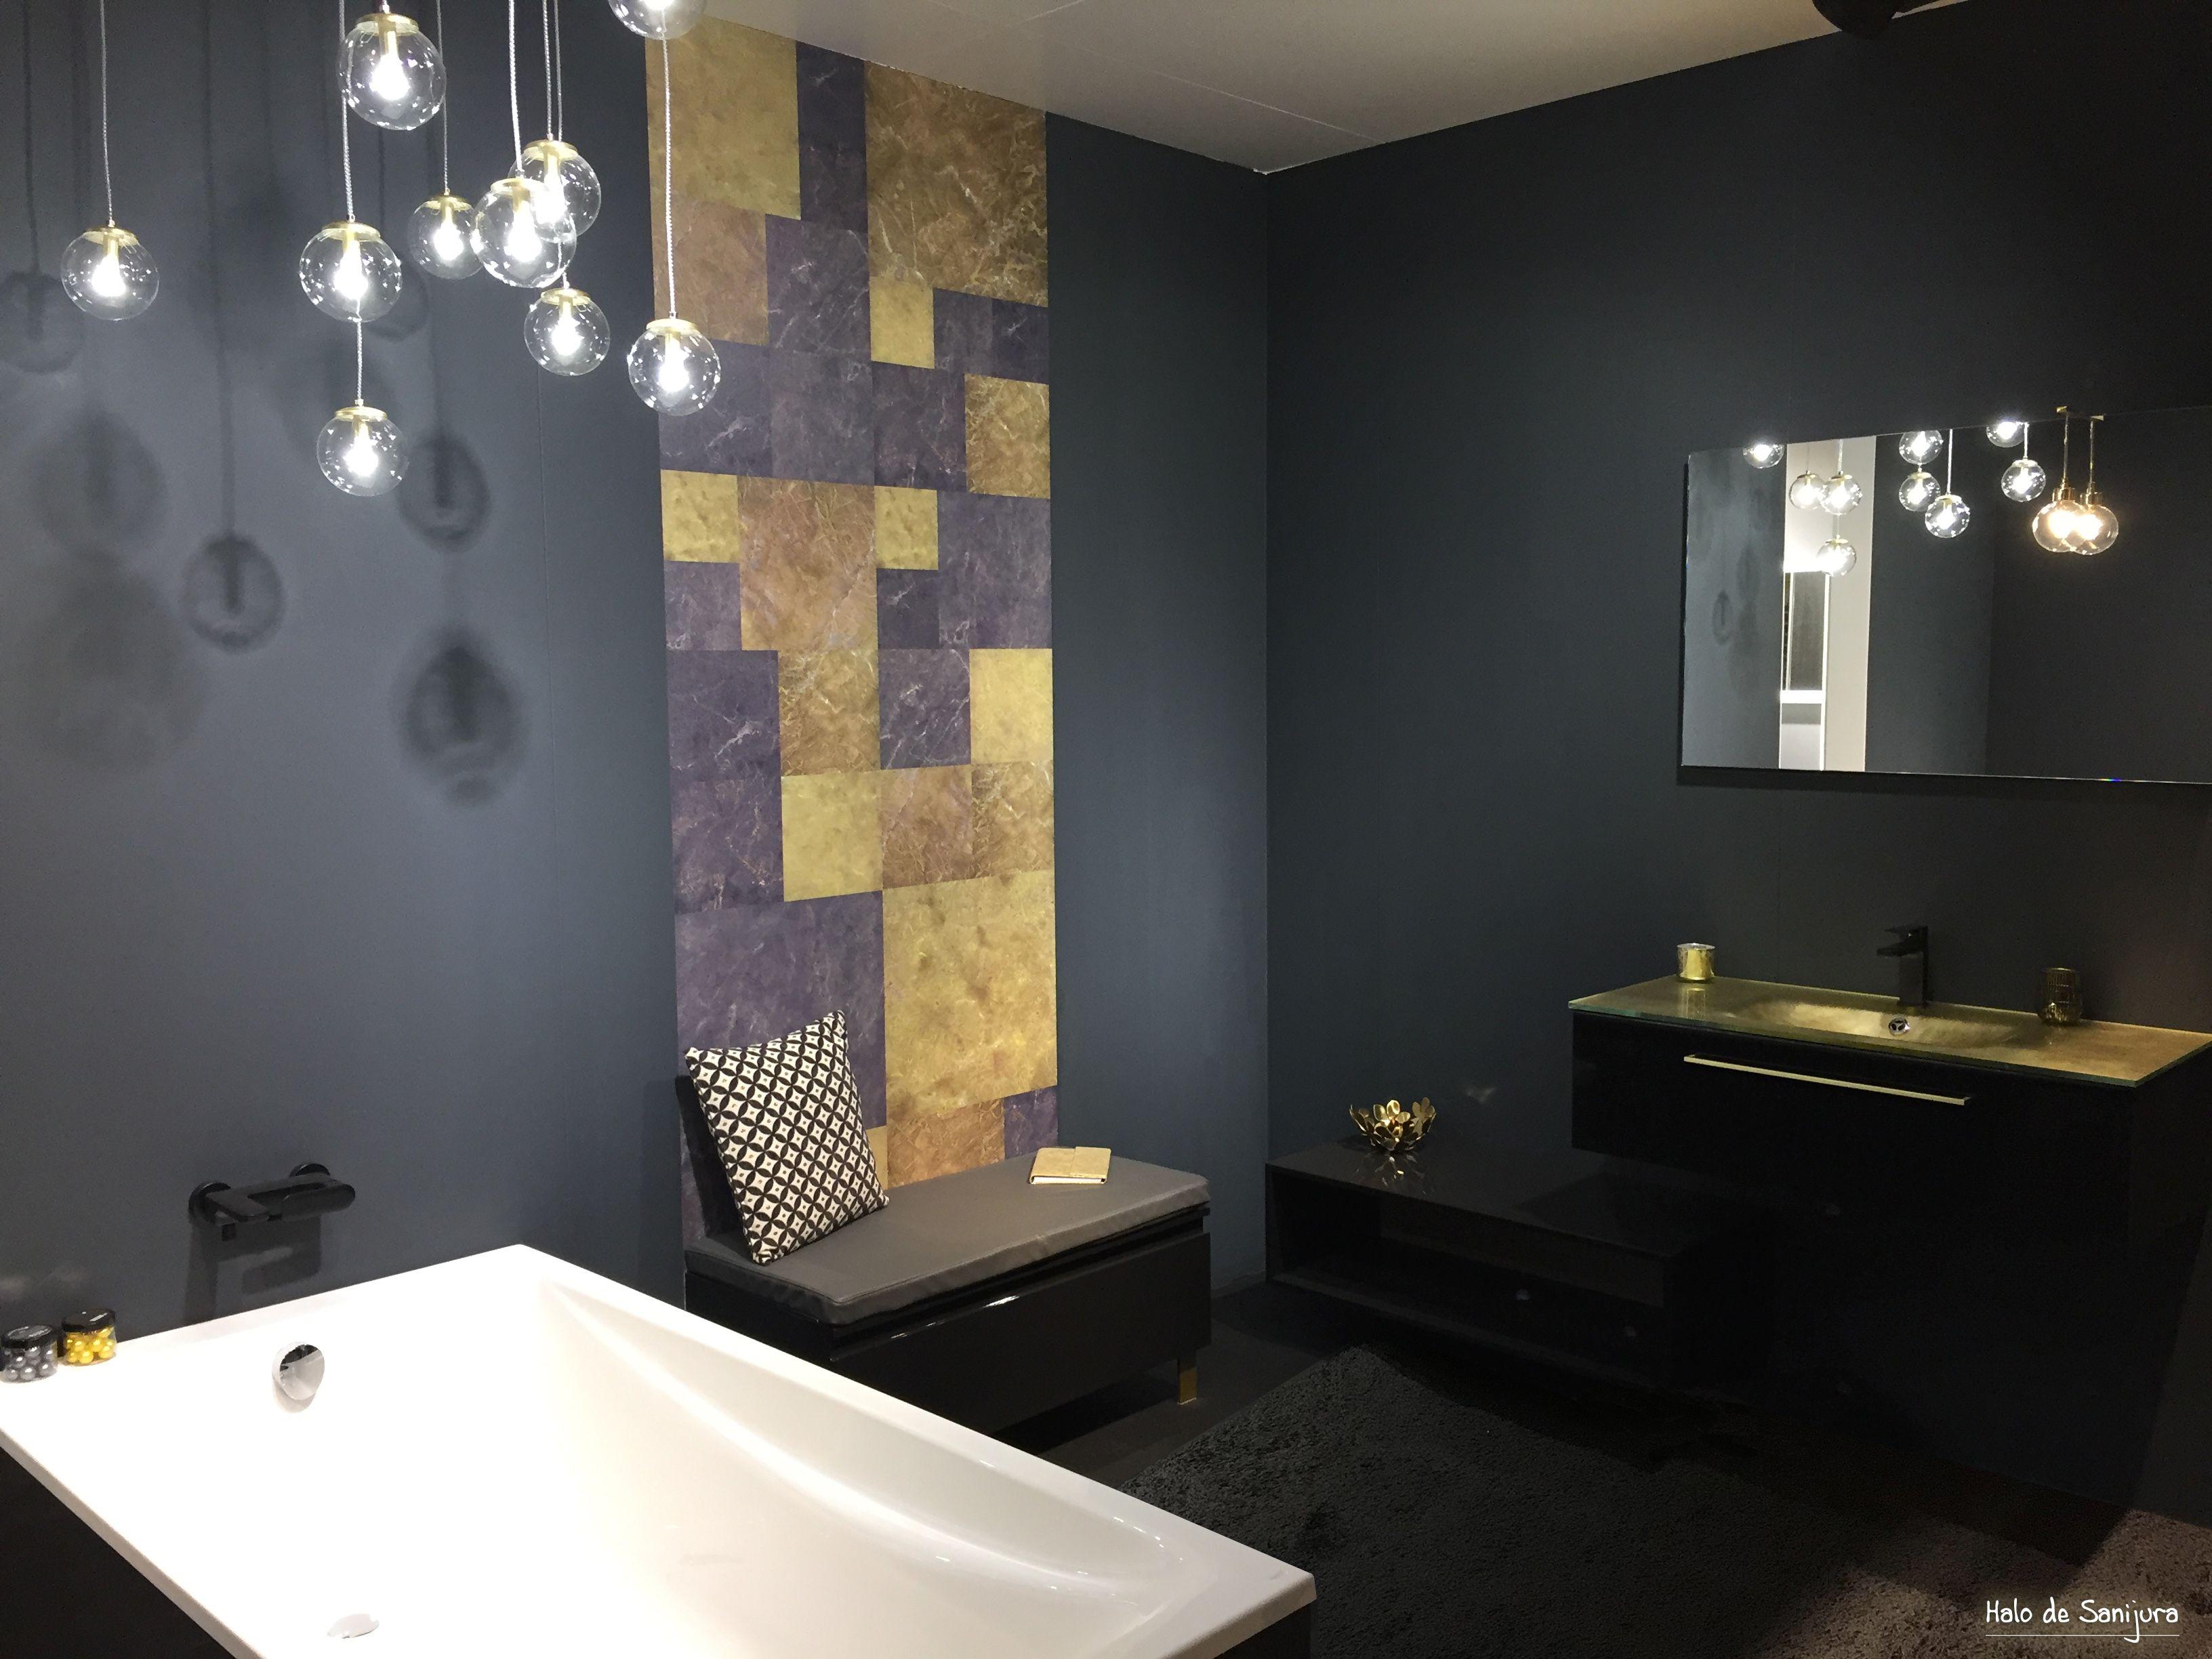 De L Or Et Du Noir Pour Votre Salle De Bain Ambiance Design Pour Votre Espace Bain Avec Un Meuble Dest Meuble Salle De Bain Salle De Bain Salle De Bain Design